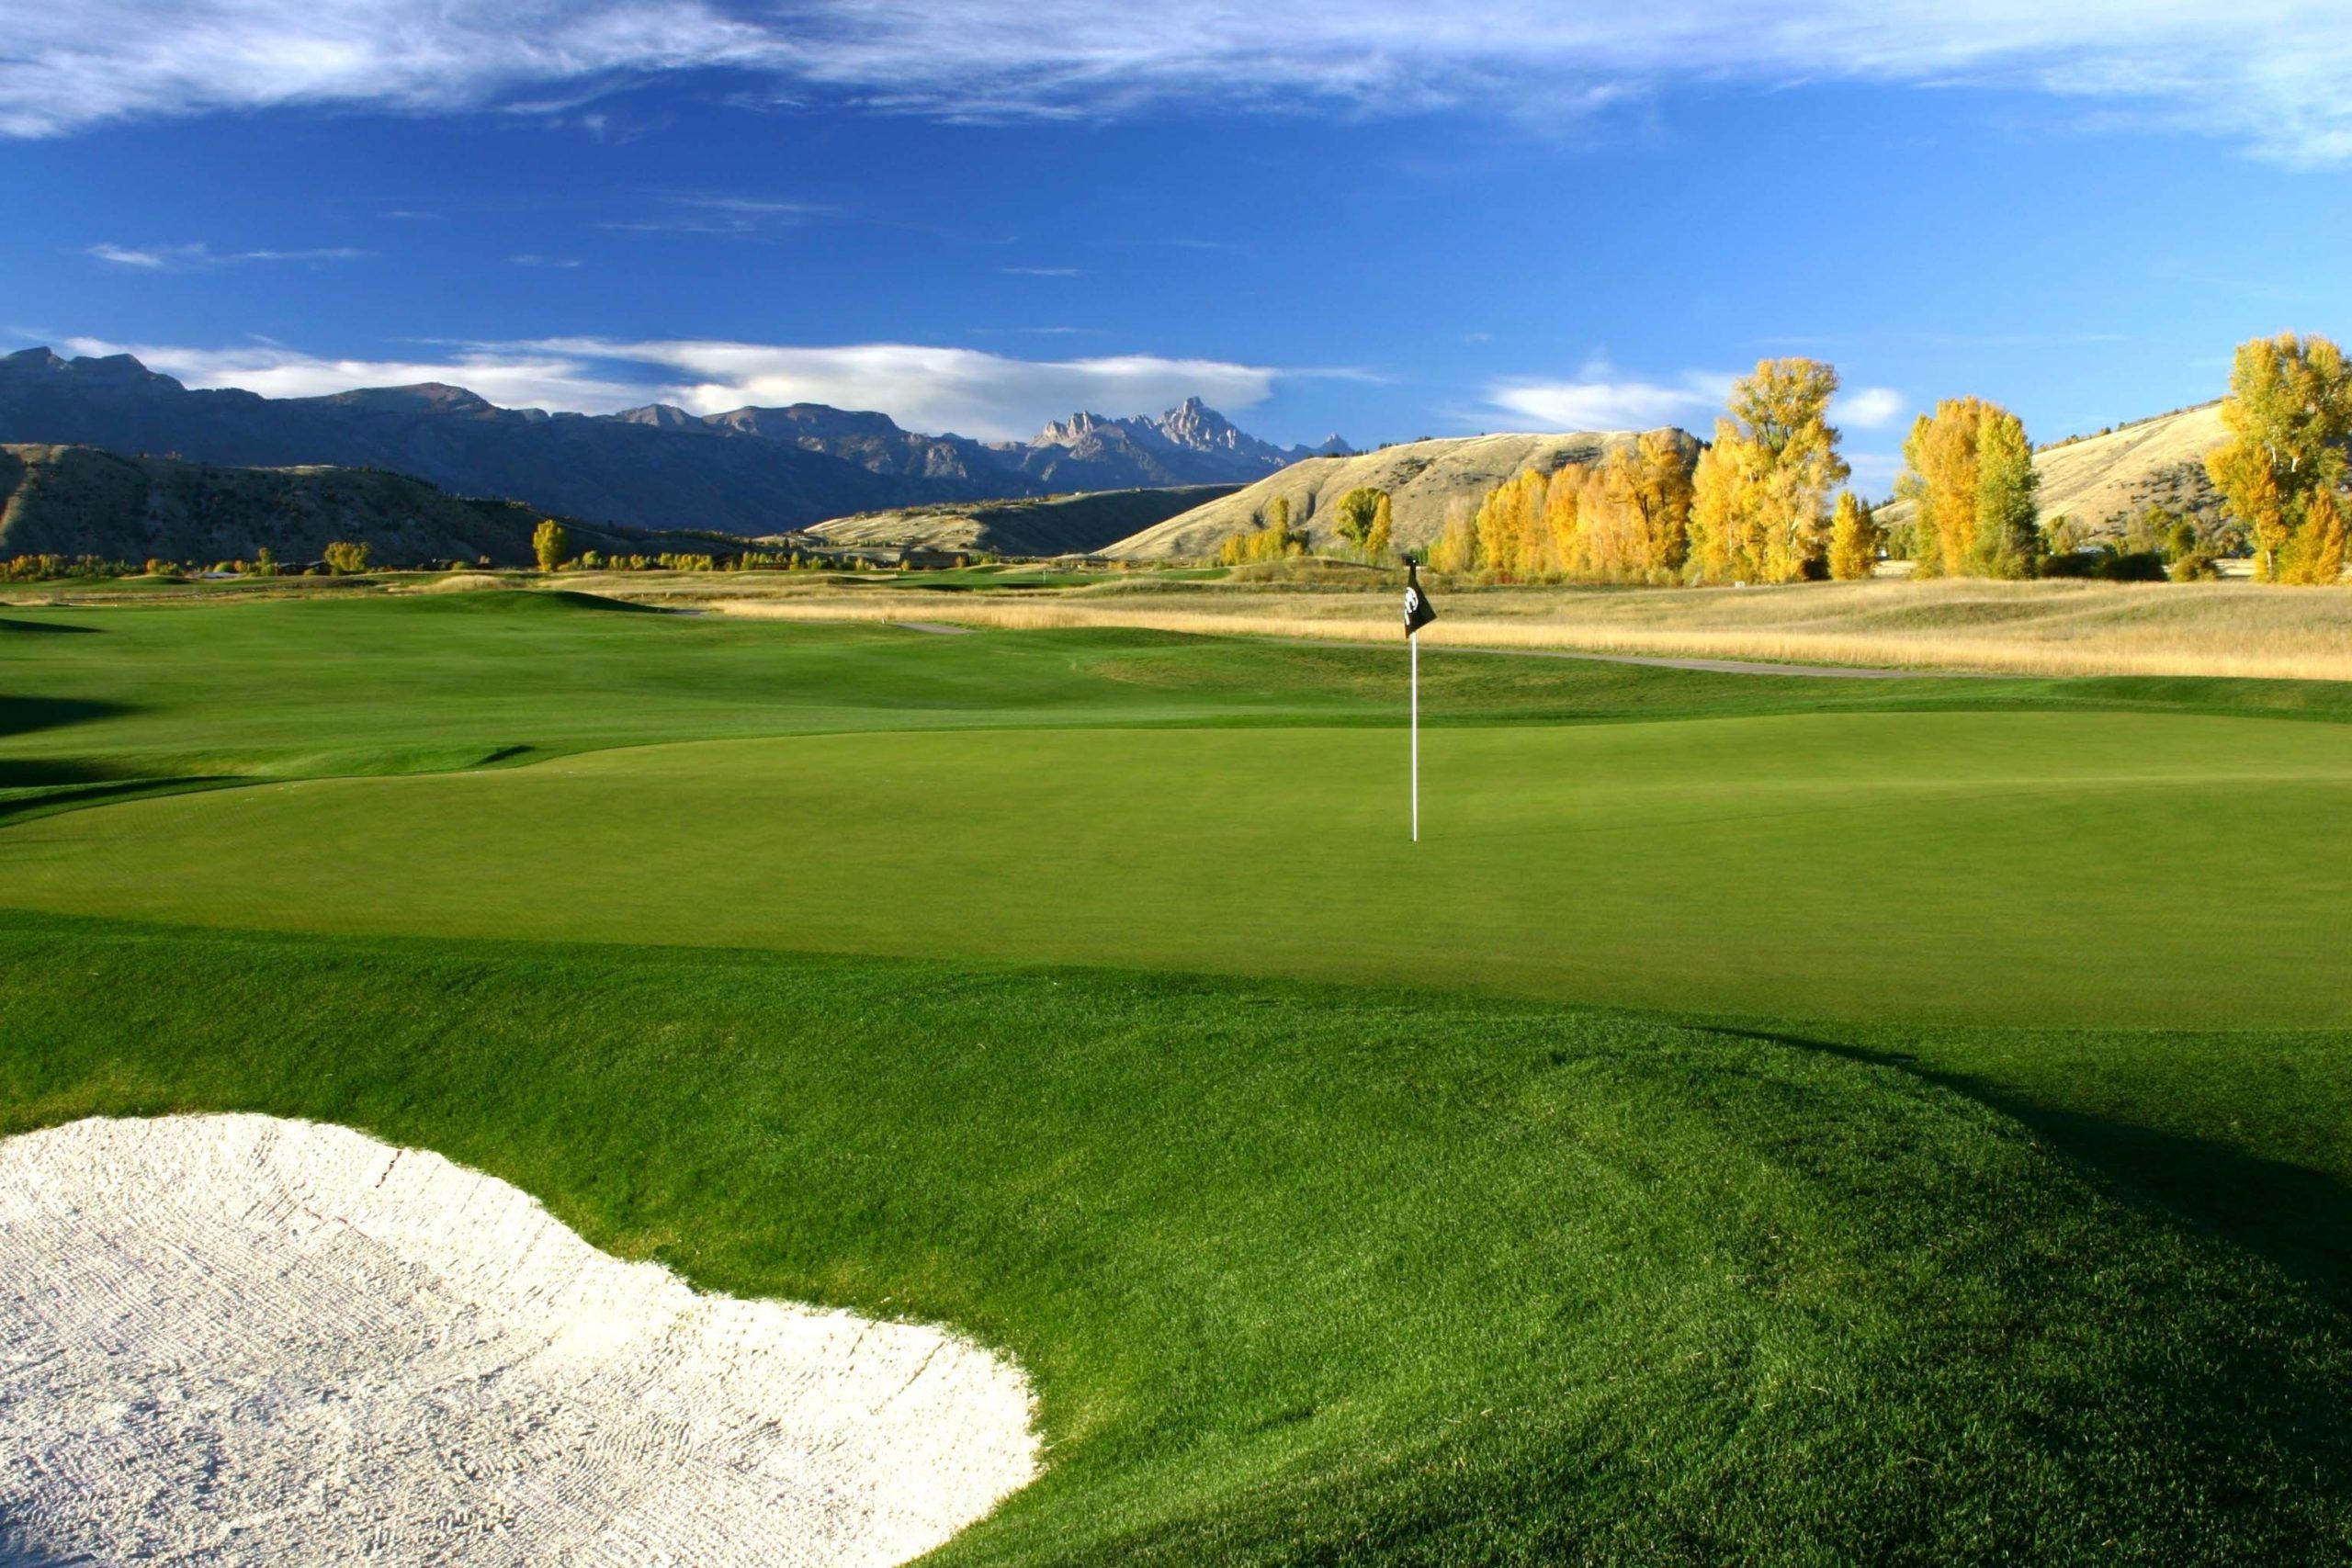 golfcourse photos